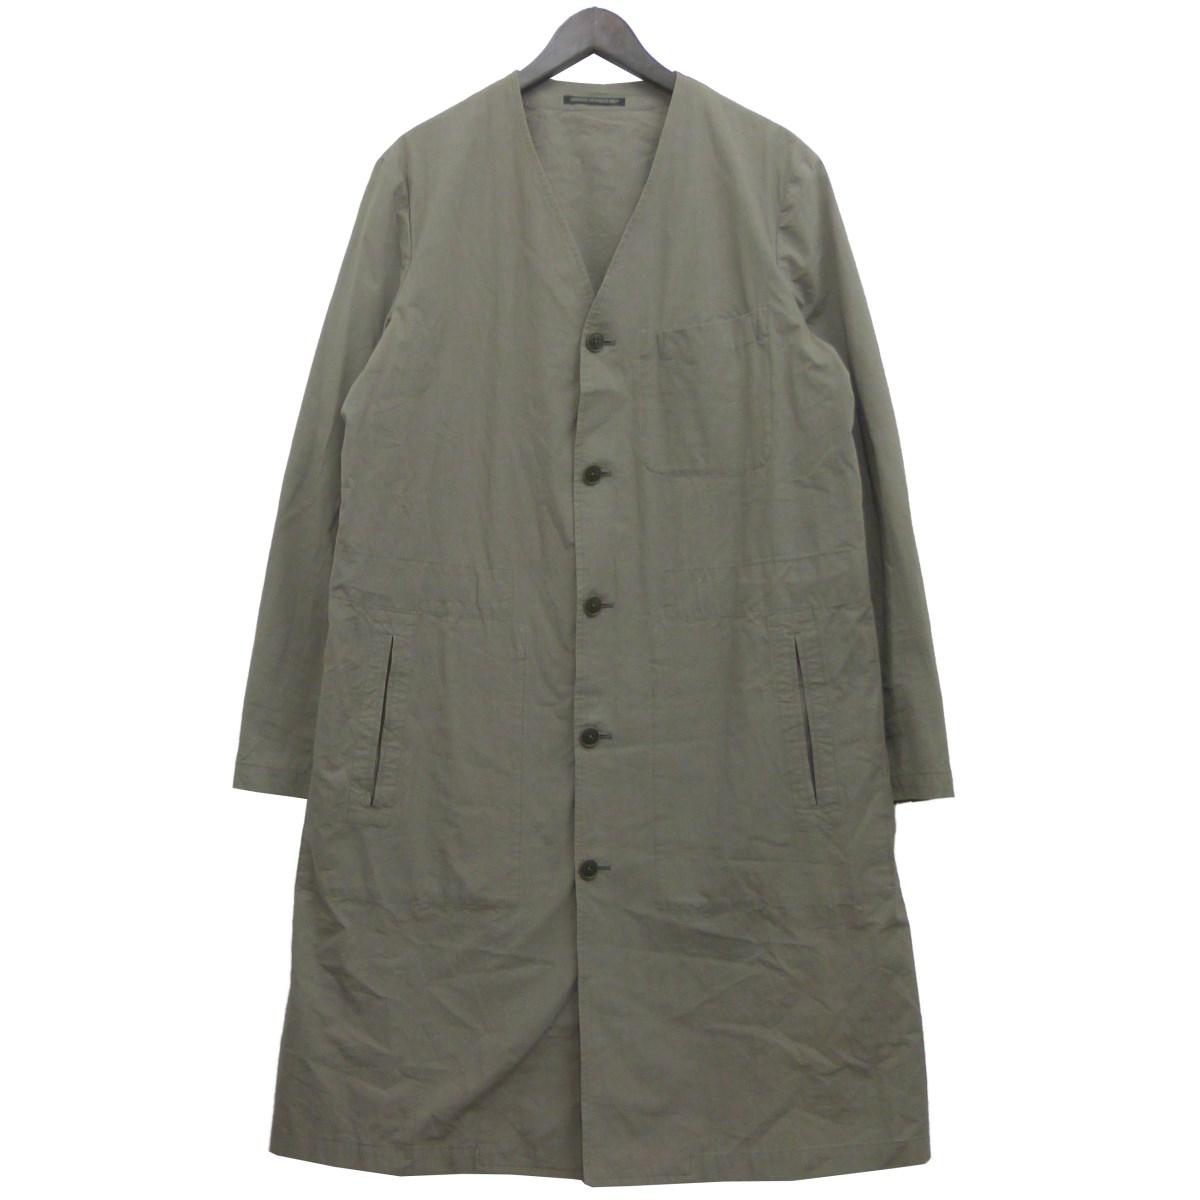 【中古】YOHJI YAMAMOTO pour homme ノーカラーコート カーキグレー サイズ:1 【240320】(ヨウジヤマモトプールオム)